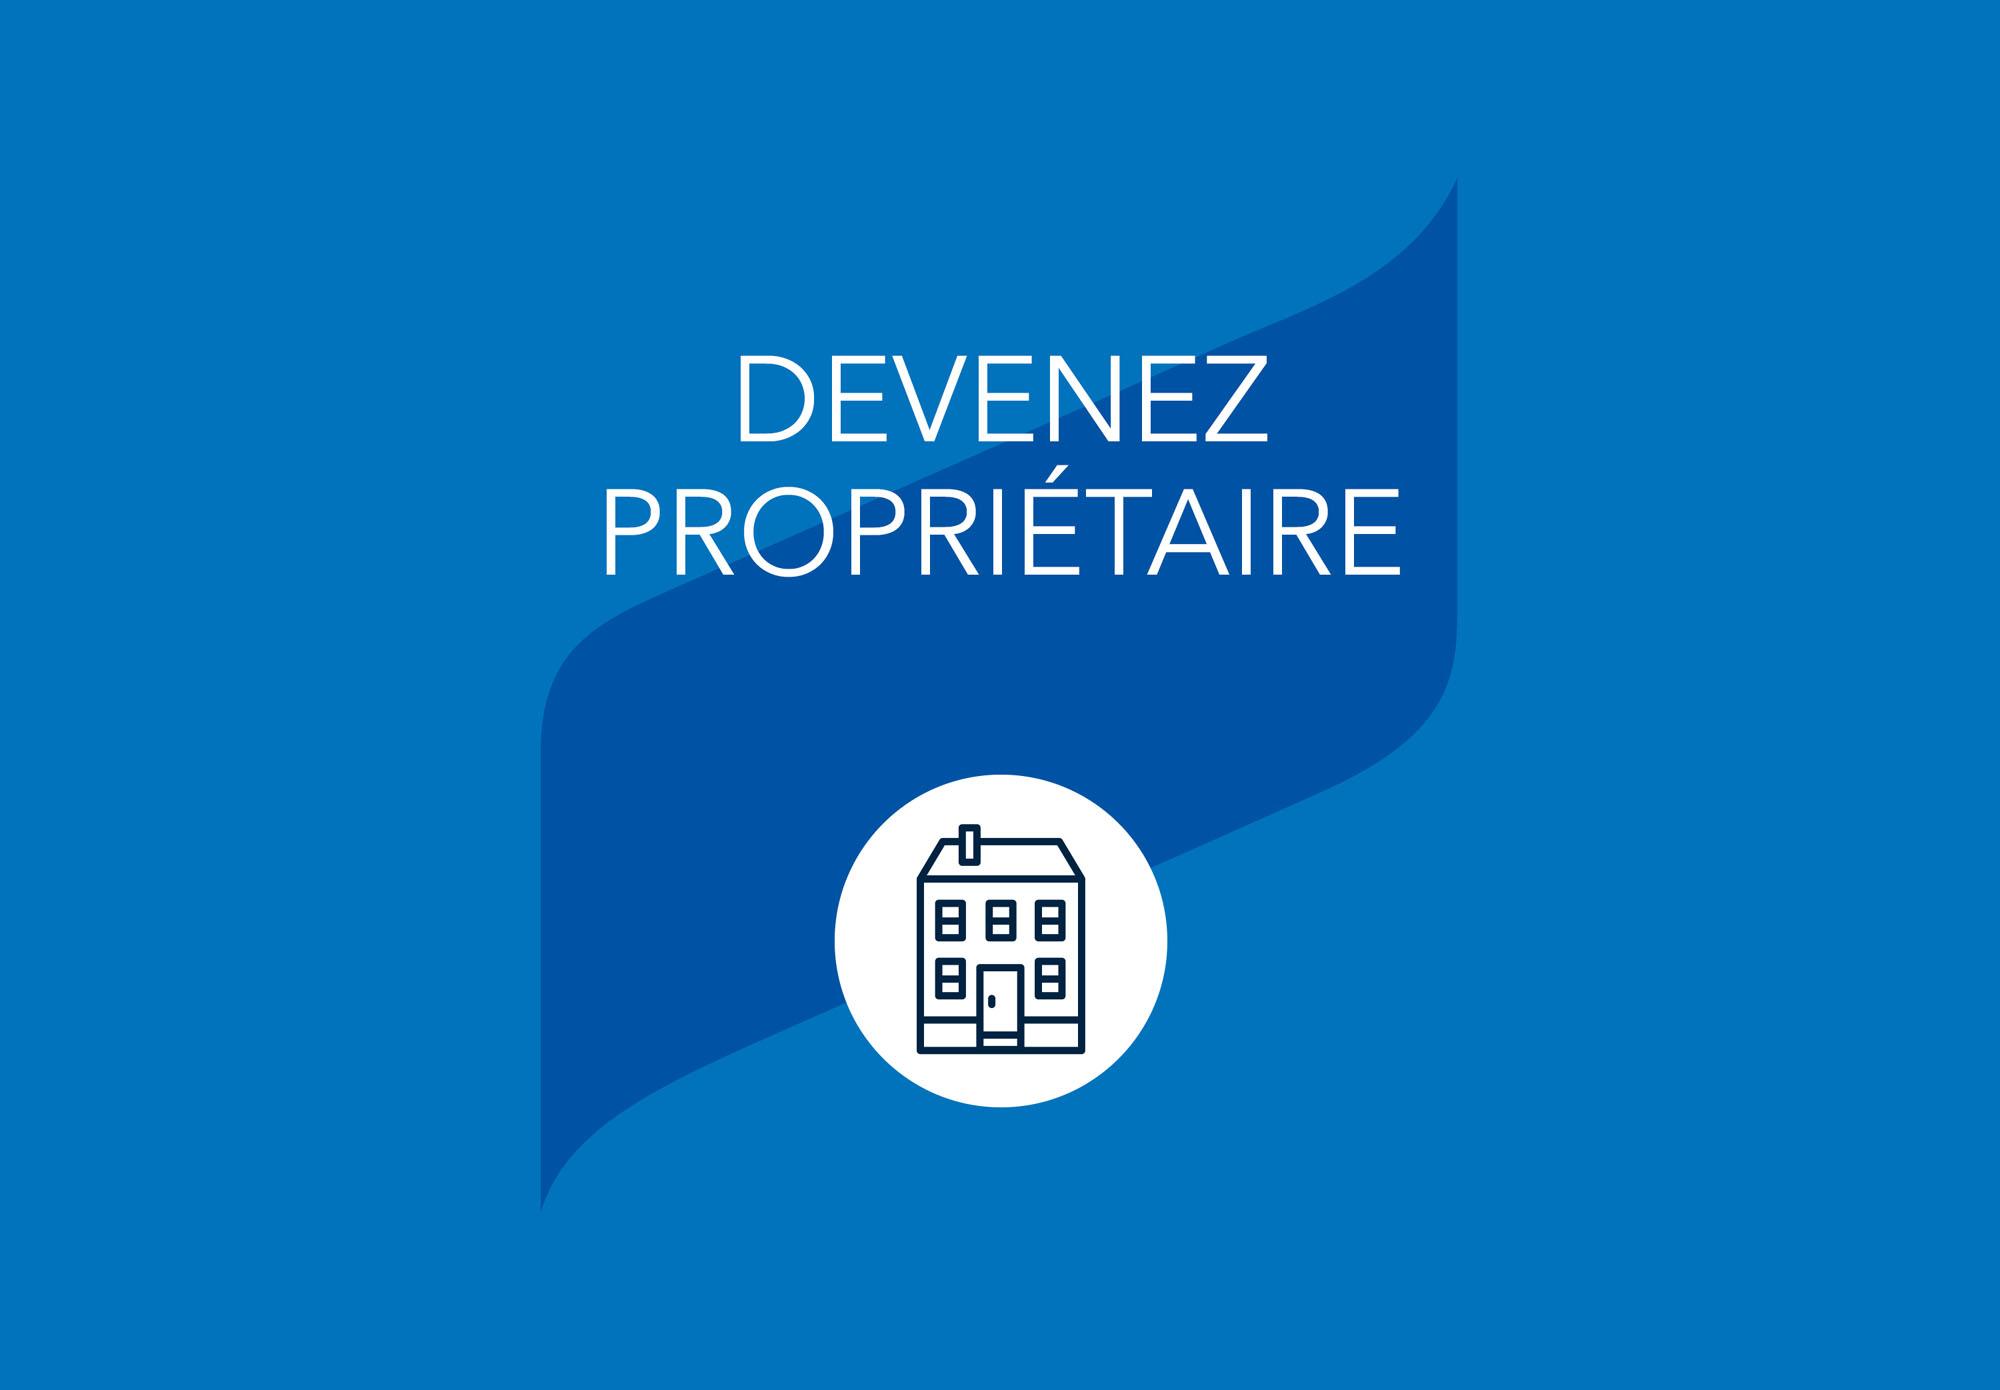 BFM - Banque Française Mutualiste - Devenez propriétaire